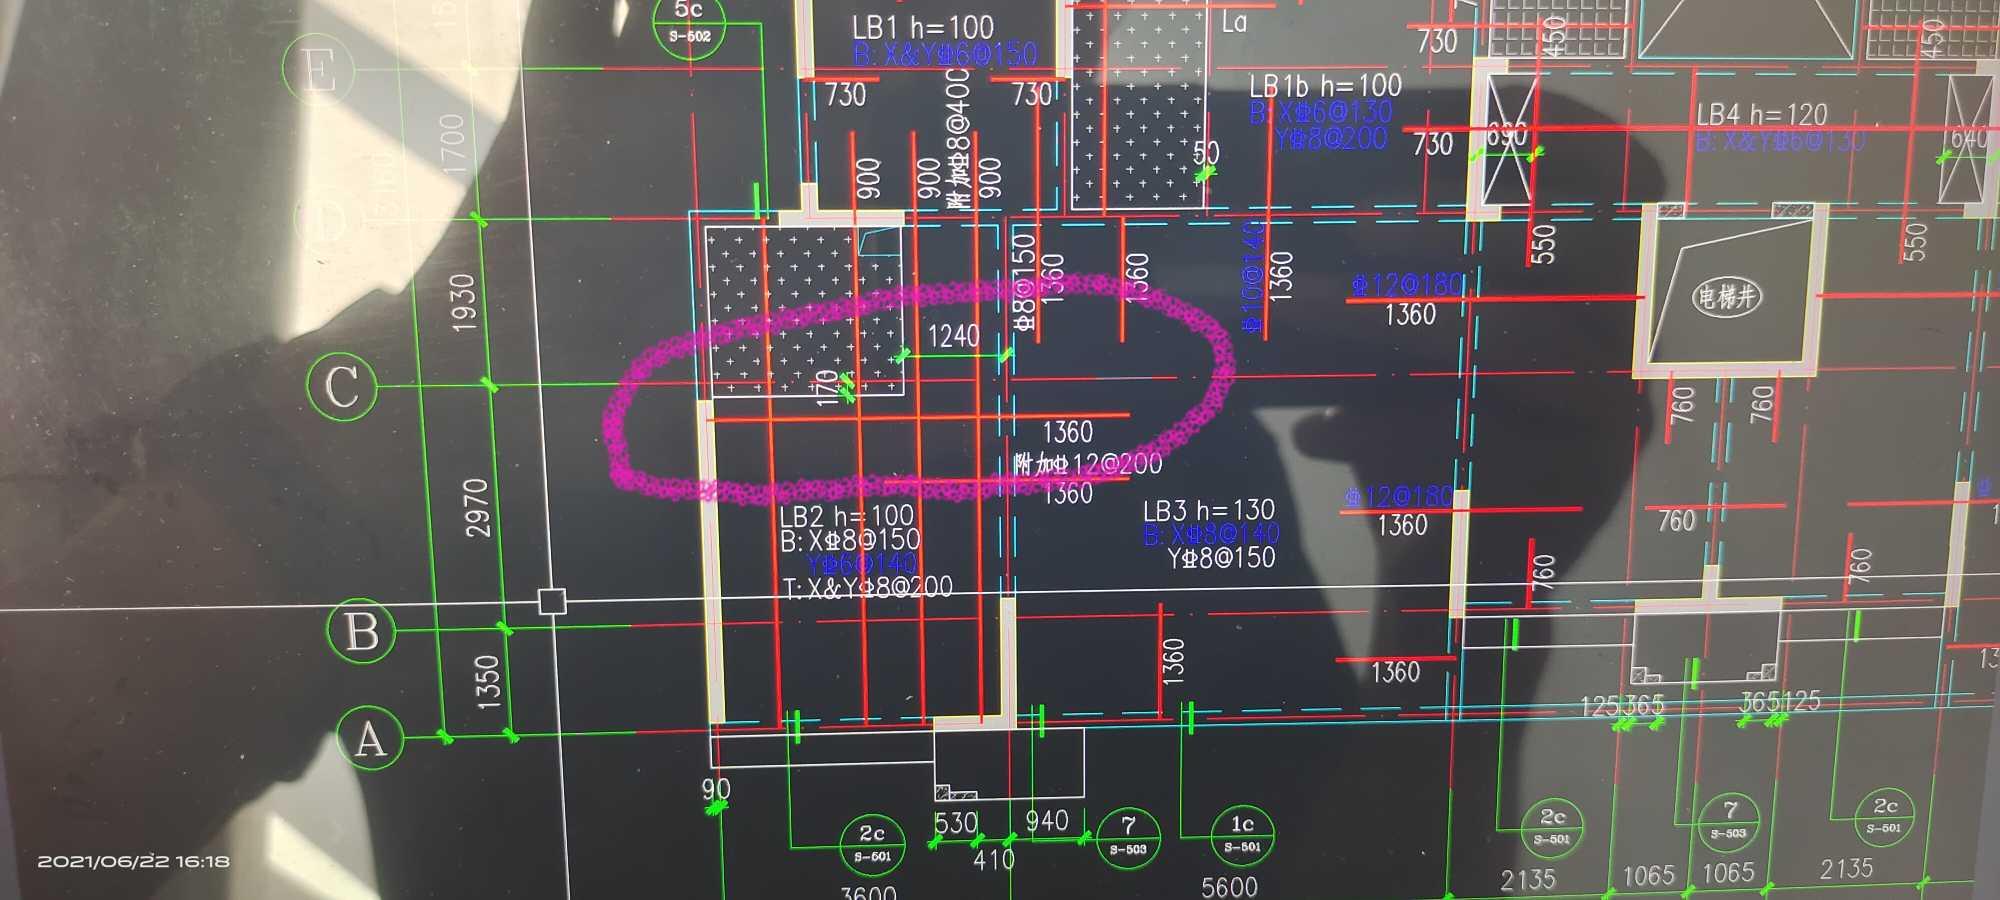 土建,河北,答疑:GTJ2021中板配筋中的跨板受力筋问题-河北土建,